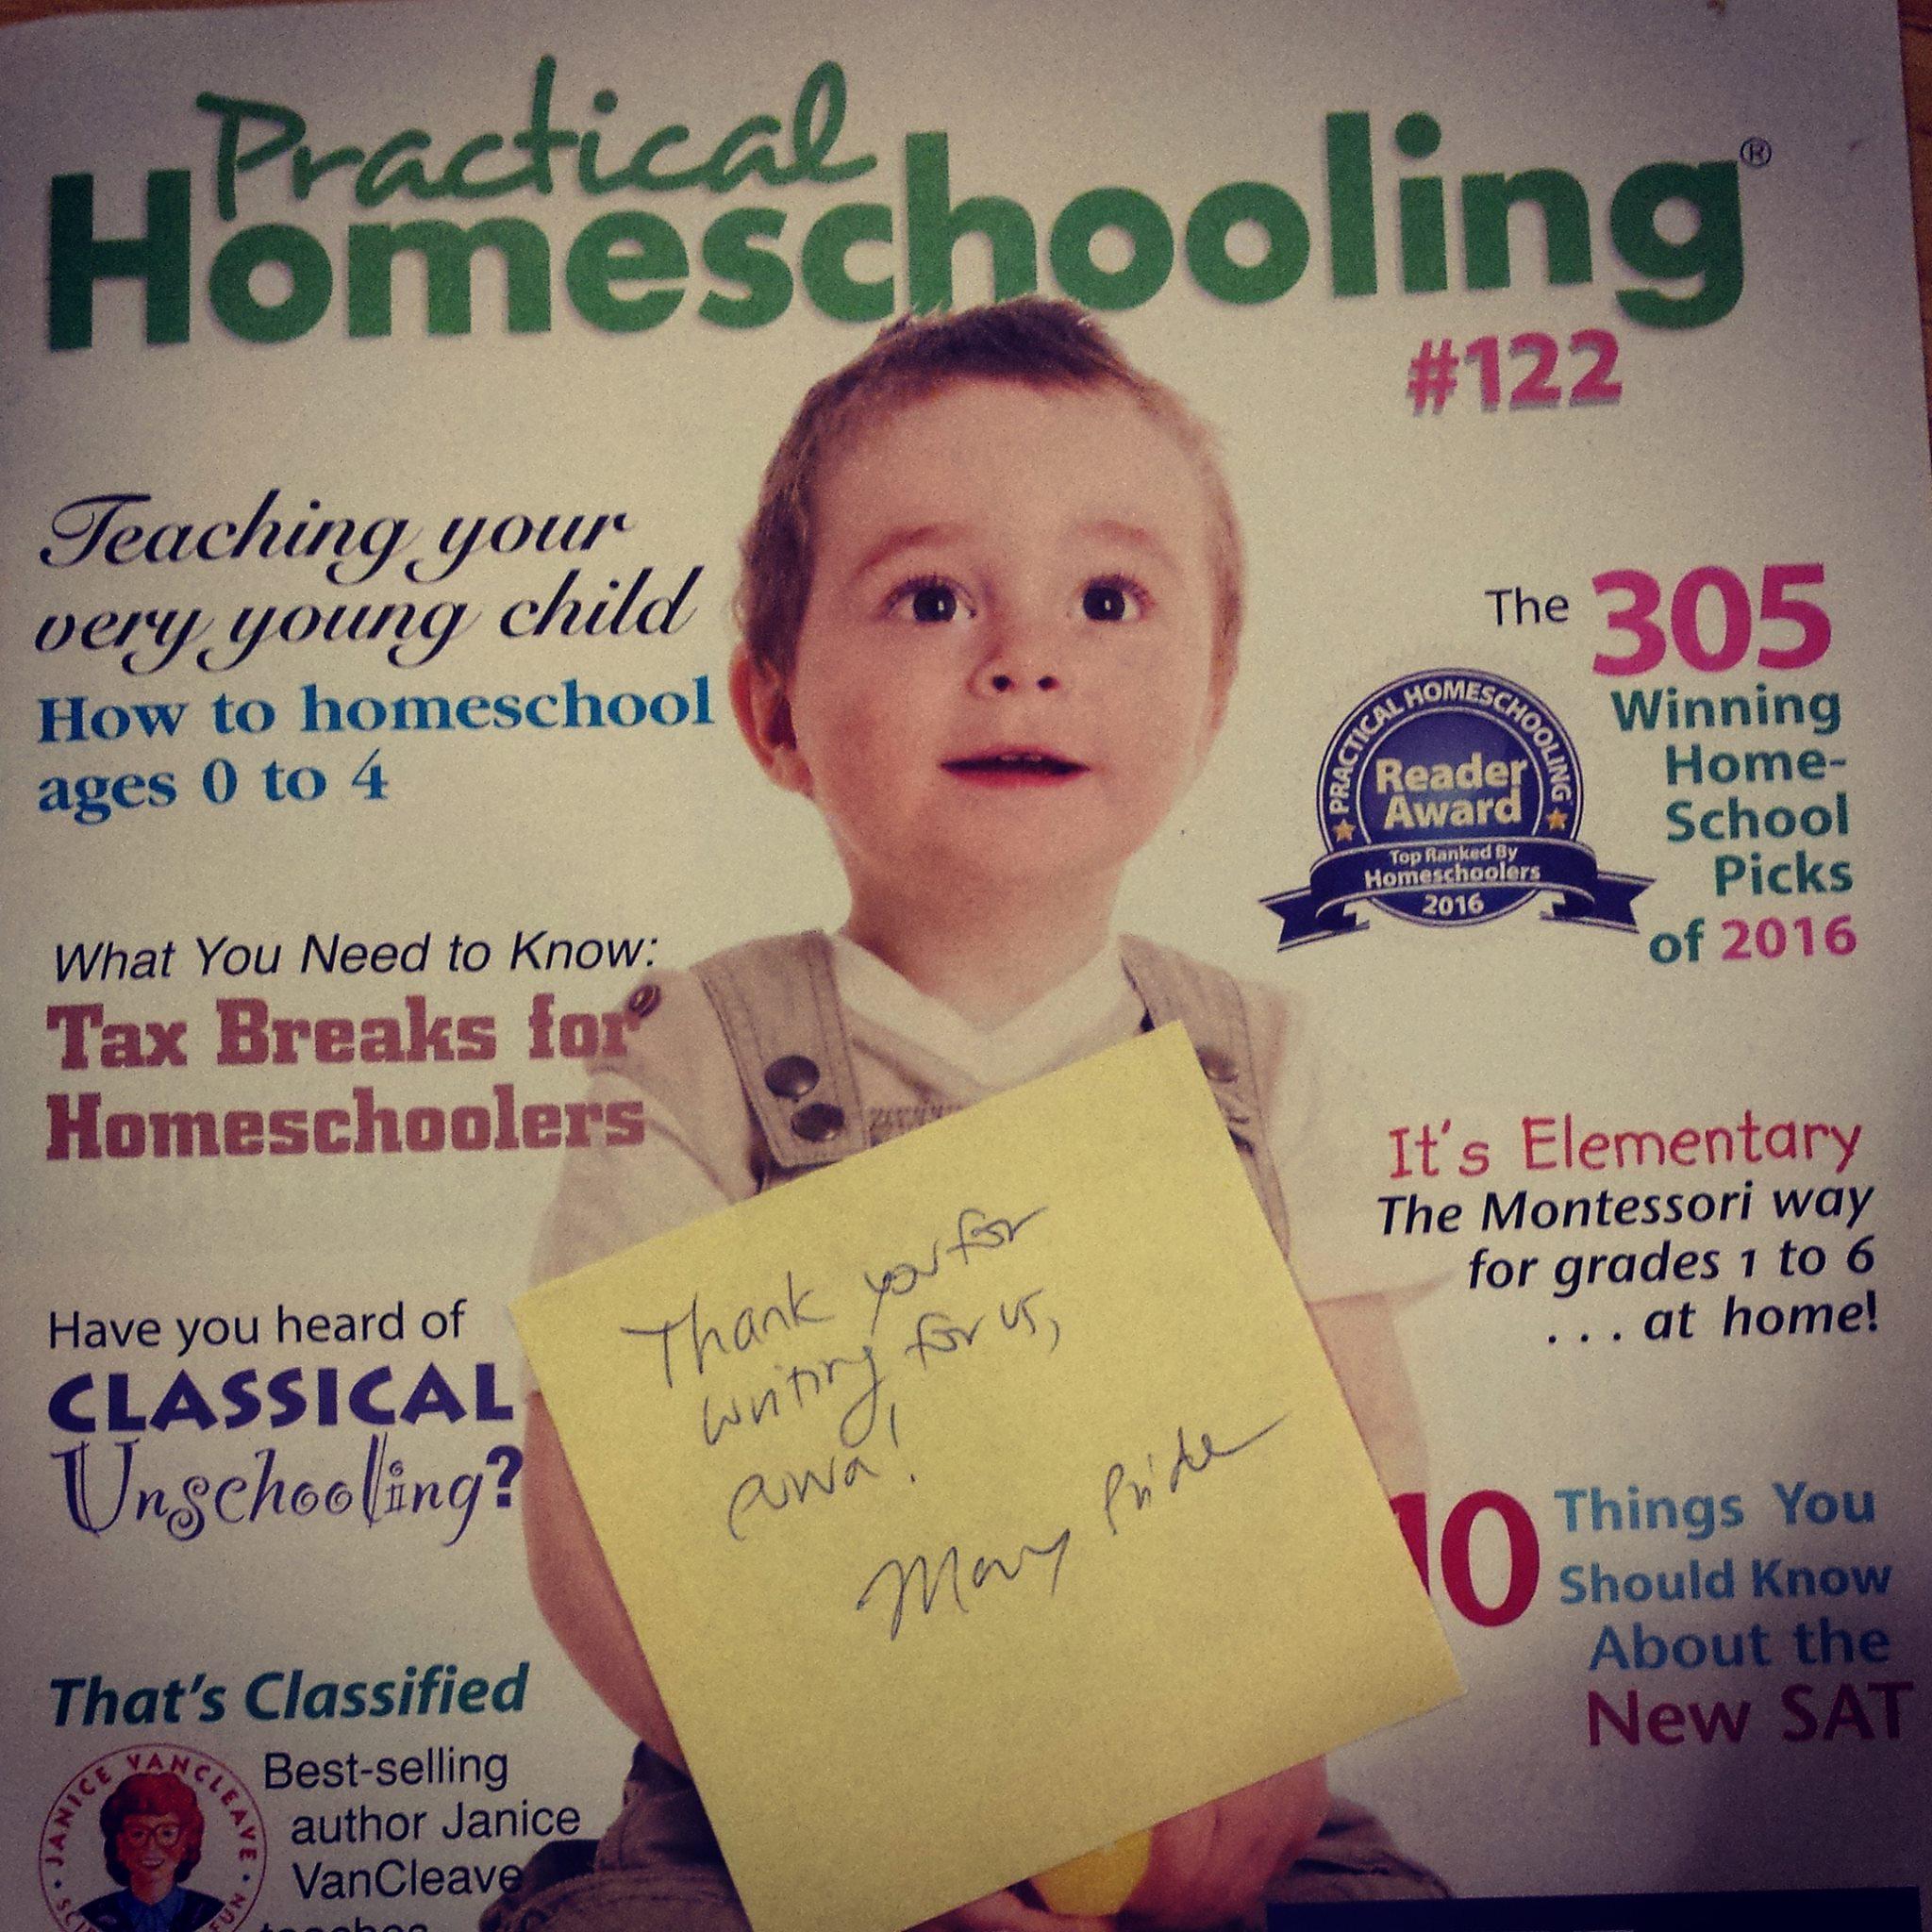 Now in Practical Homeschooling!